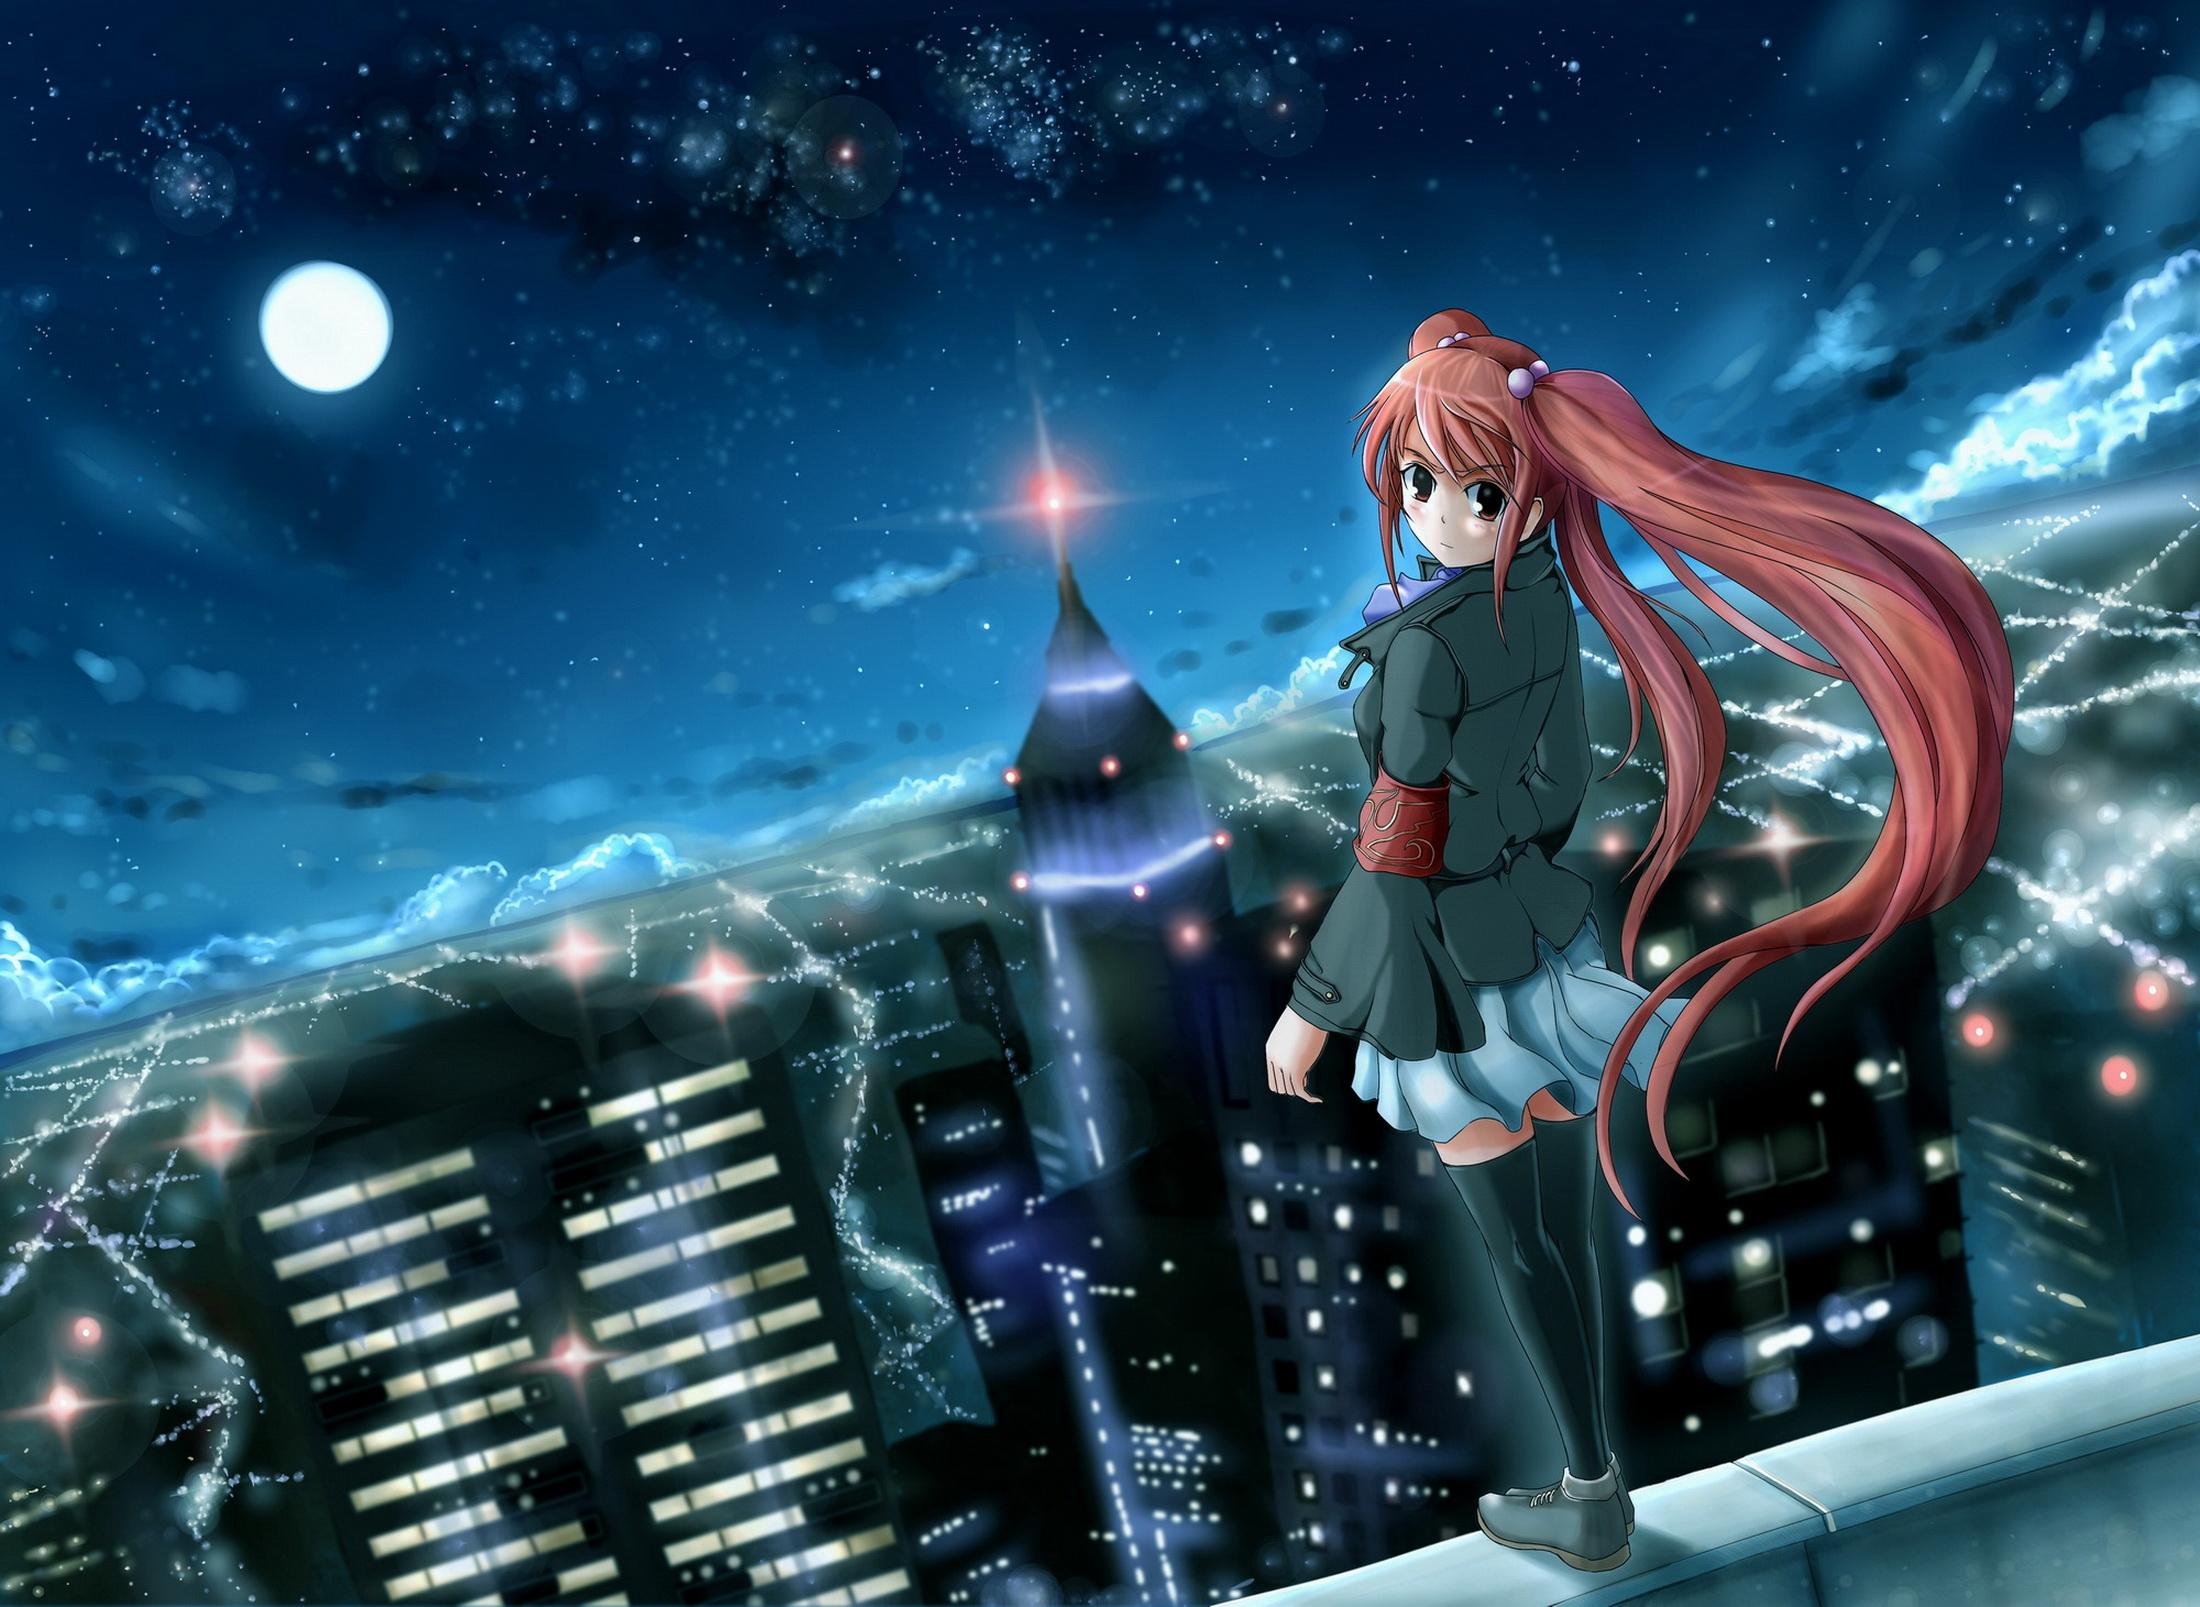 Скачать картинку Аниме, Ночь, Город, Девушка в телефон бесплатно.